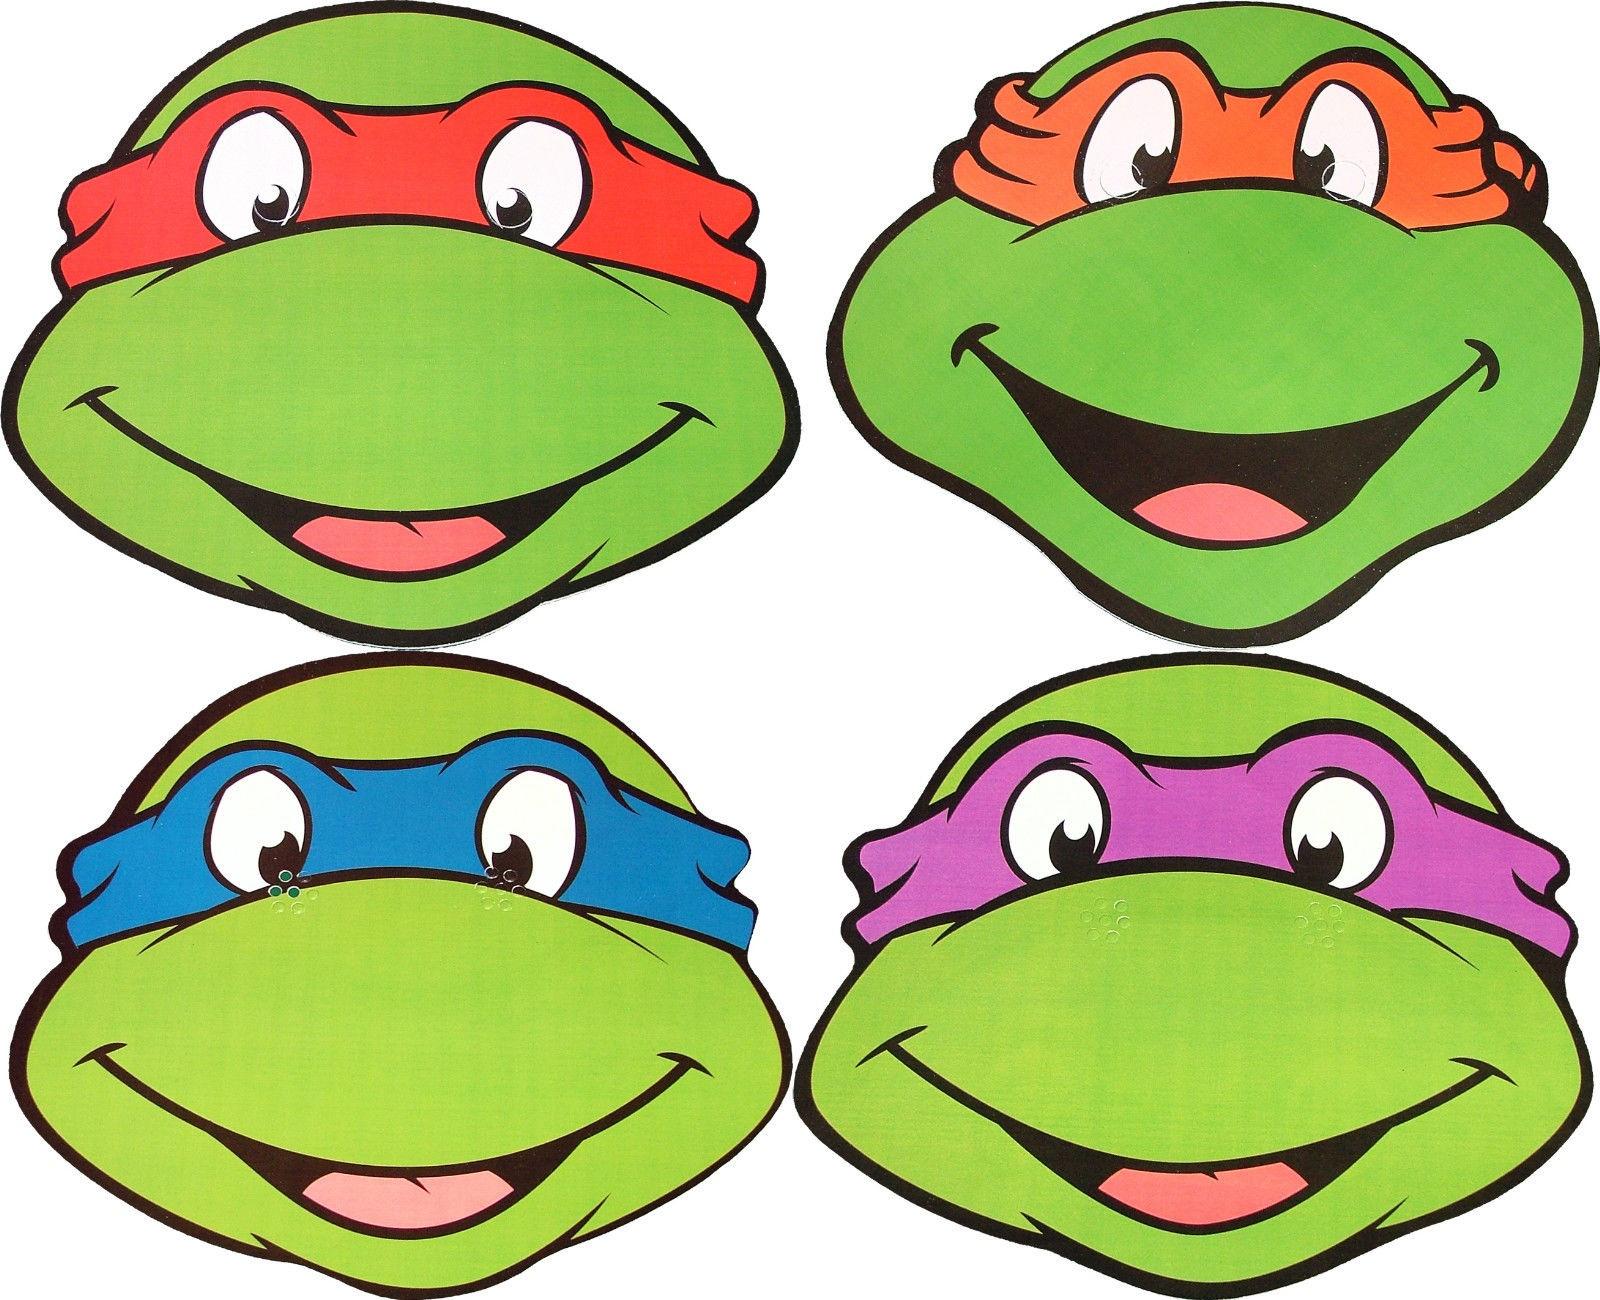 Teenage Mutant Ninja Turtles - Card Masks - 4 To Choose From - Teenage Mutant Ninja Turtles Free Printable Mask